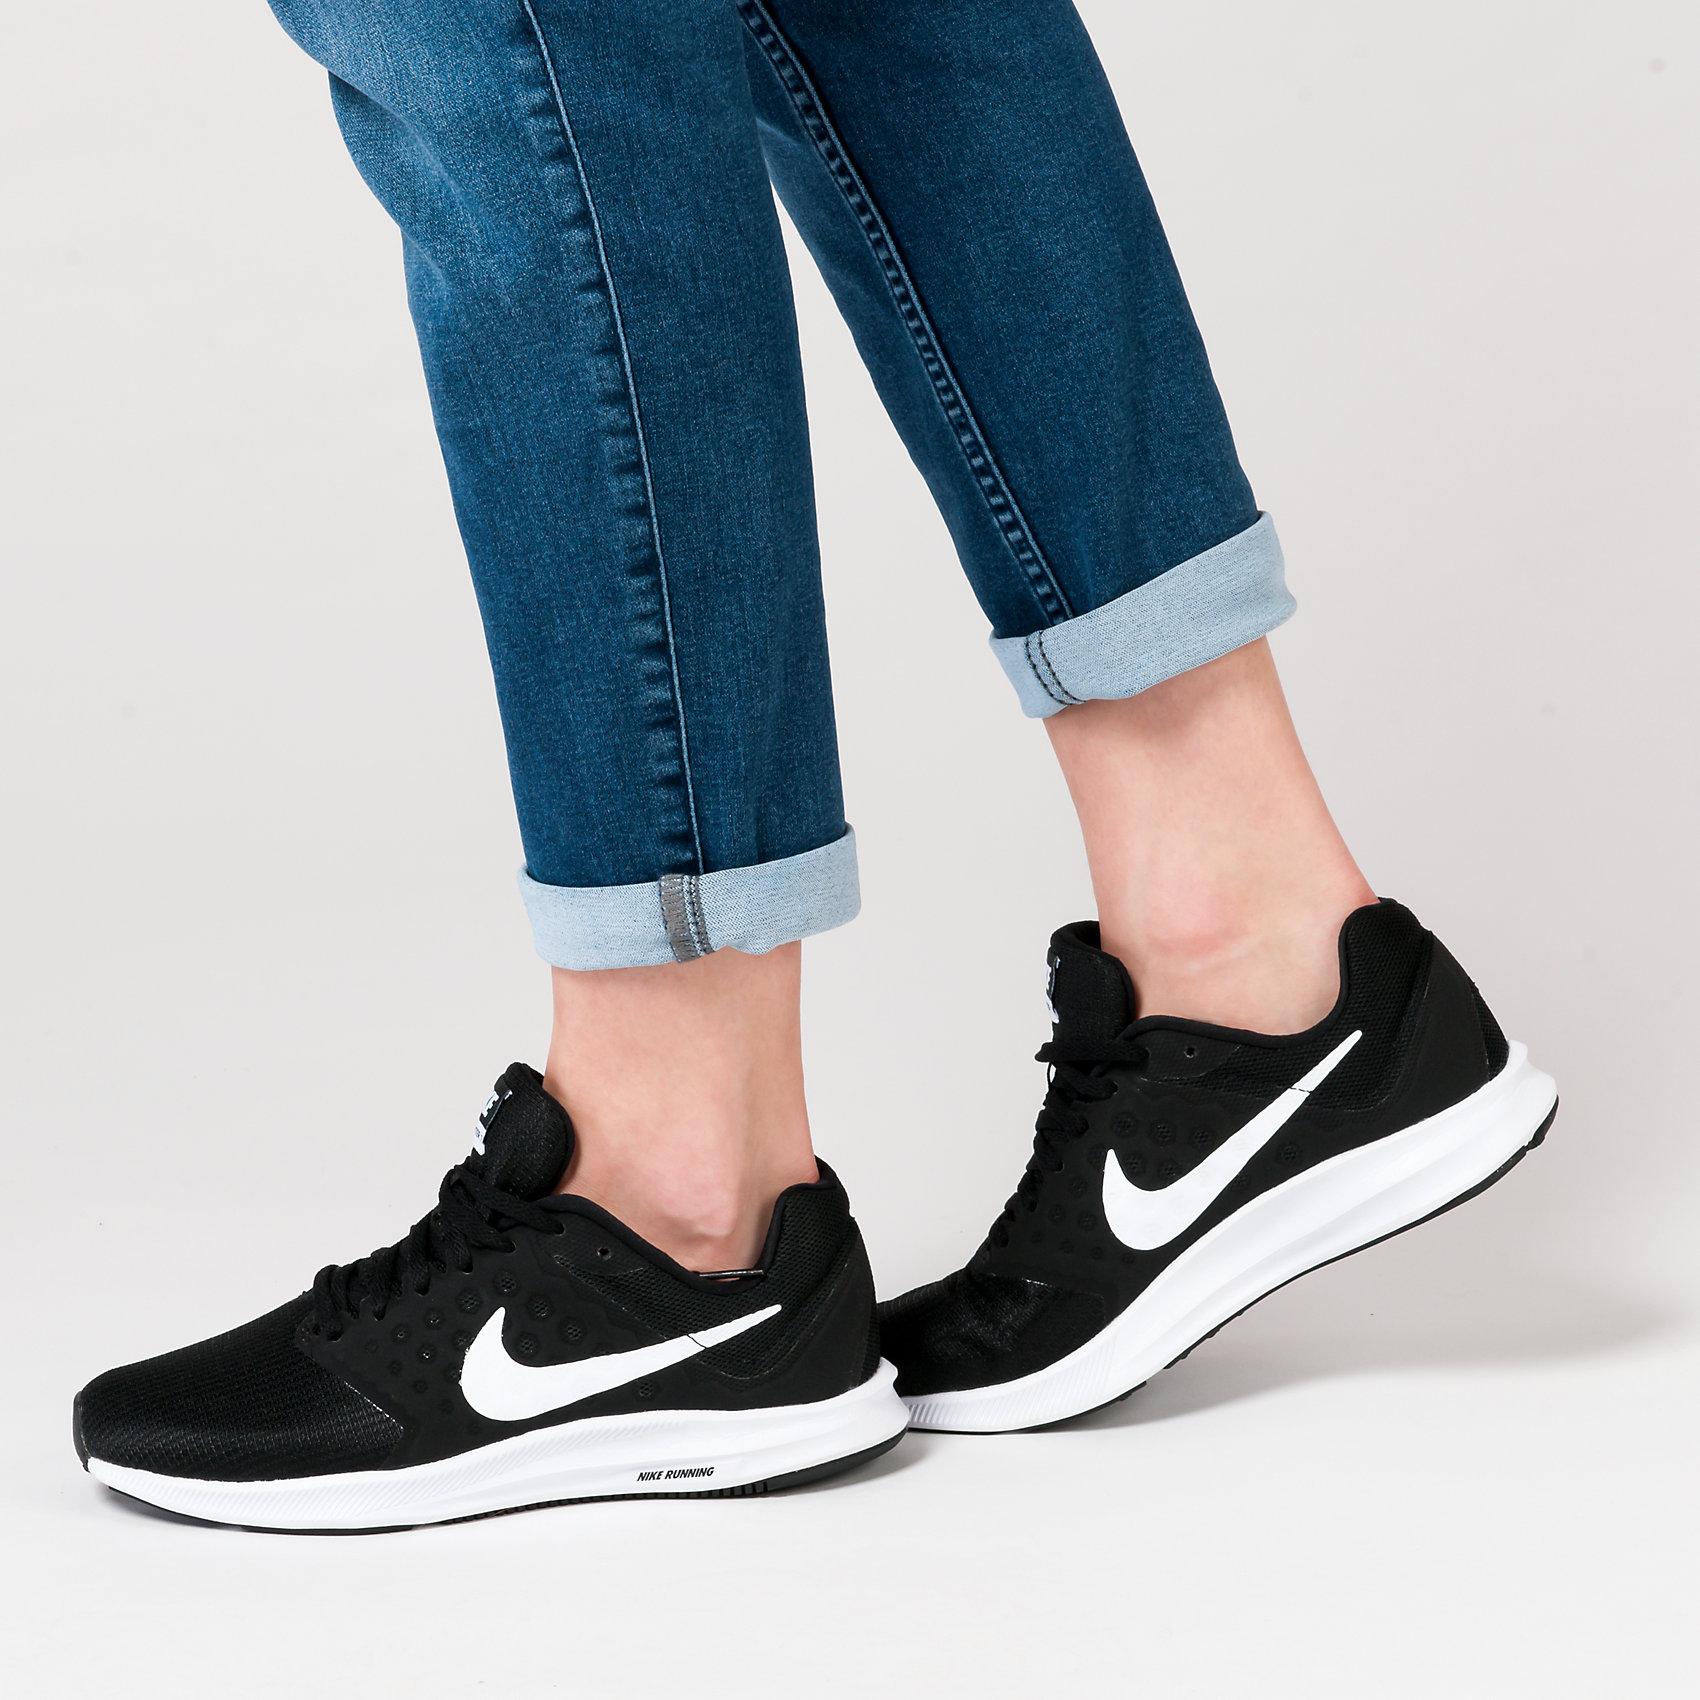 Details zu Neu Nike Performance Downshifter 7 Sportschuhe 5773166 für Damen schwarz